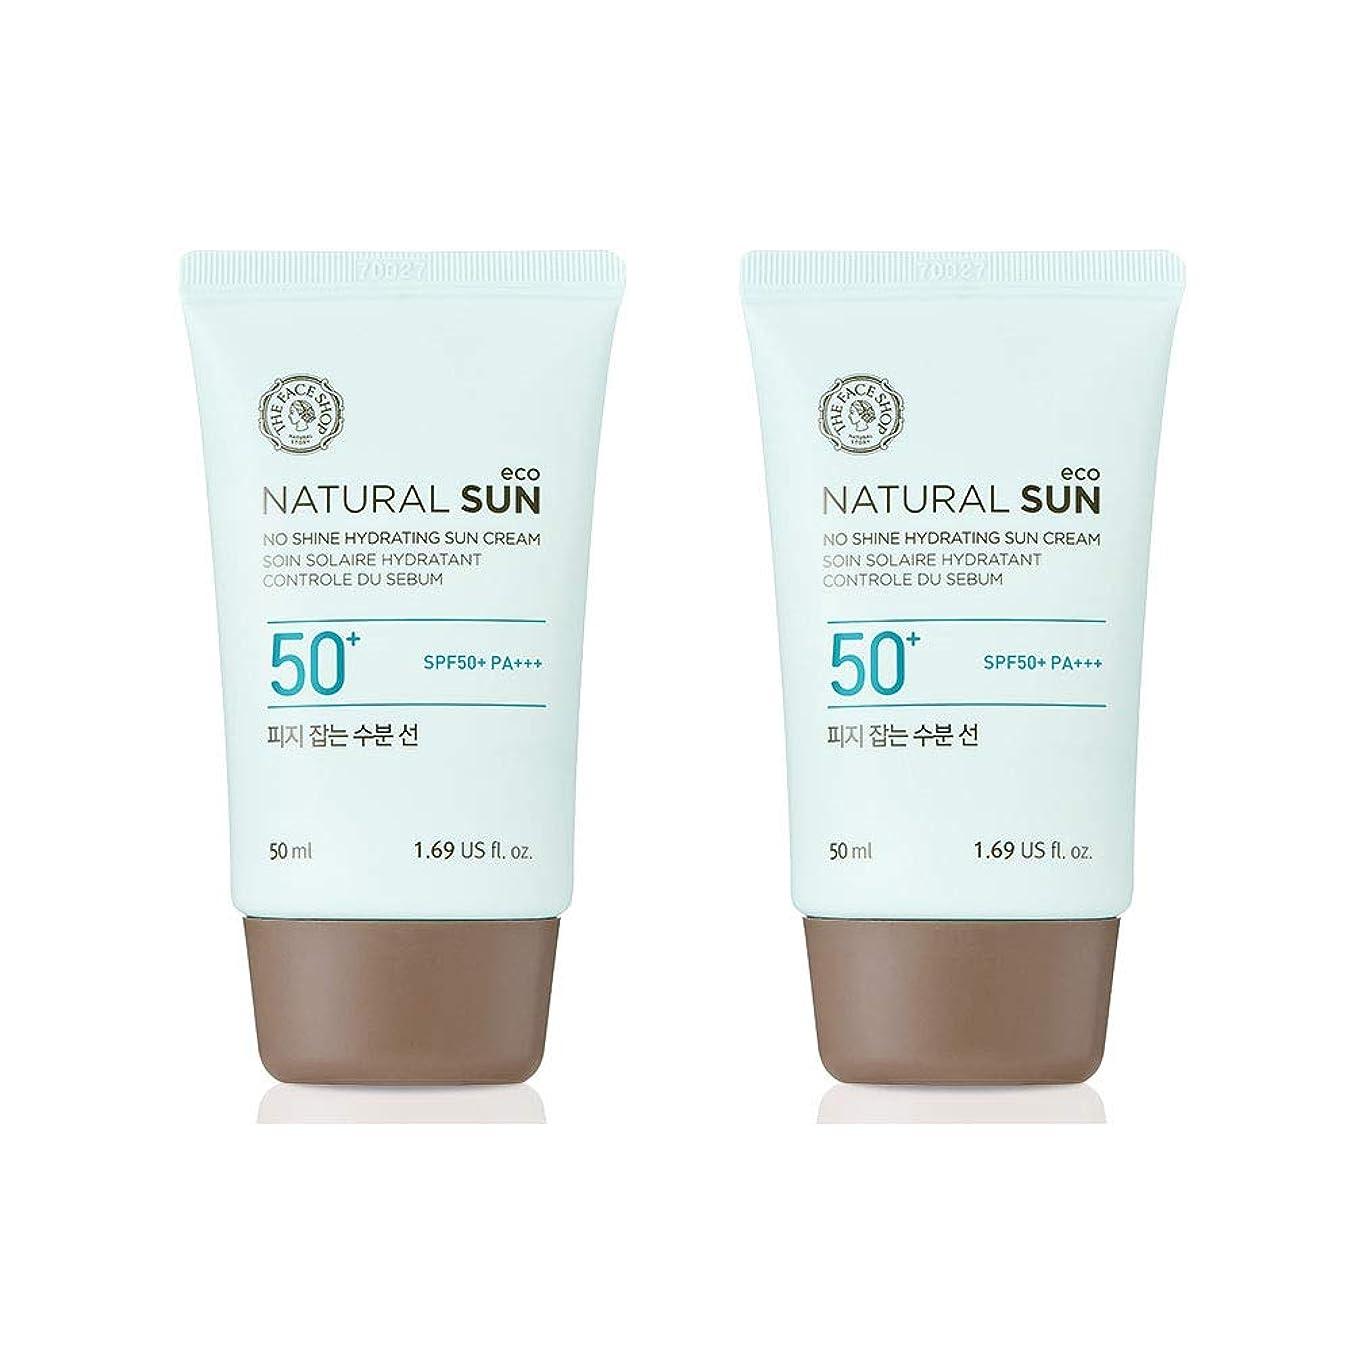 乗算居心地の良い崇拝しますザ?フェイスショップネチュロルソンエコフィジーサン?クリームSPF50+PA+++50ml x 2本セット韓国コスメ、The Face Shop Natural Sun Eco No Shine Hydrating Sun Cream SPF50+ PA+++ 50ml x 2ea Set Korean Cosmetics [並行輸入品]